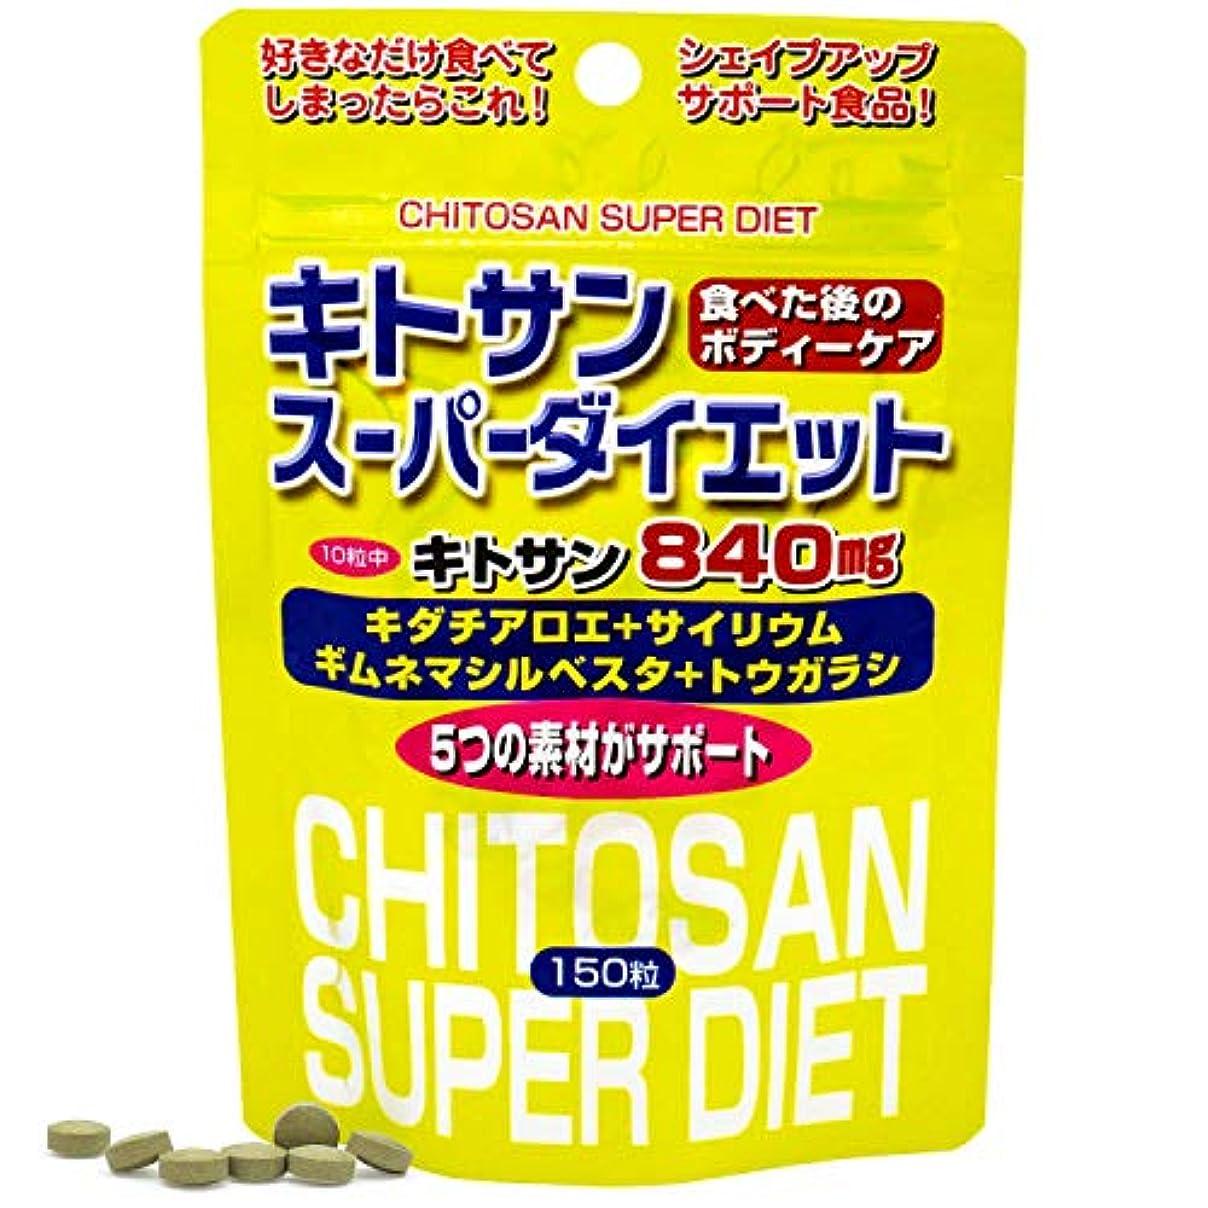 方法スキニー直径ユウキ製薬 スタンドパック キトサンスーパーダイエット 15-21日分 150粒